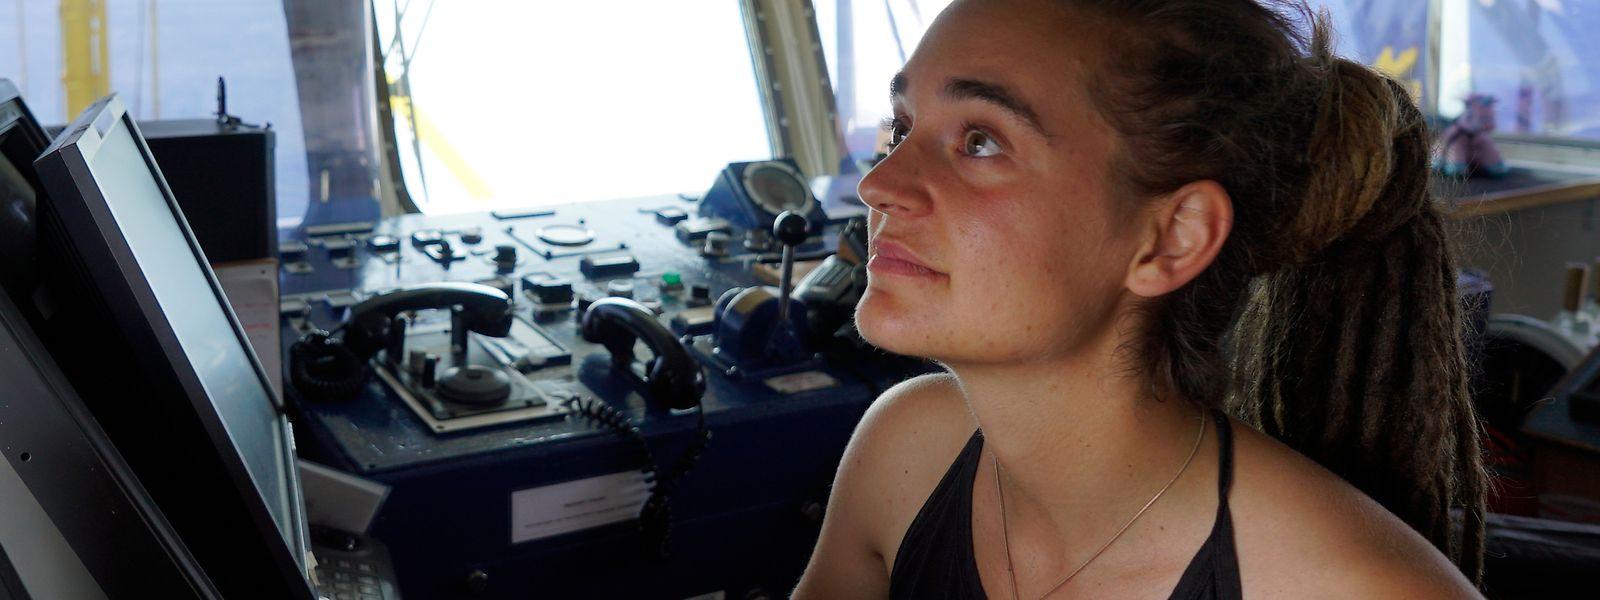 Carola Rackete aus Kiel, deutsche Kapitänin der «Sea-Watch 3», aufgenommen an Bord des Rettungschiffs.